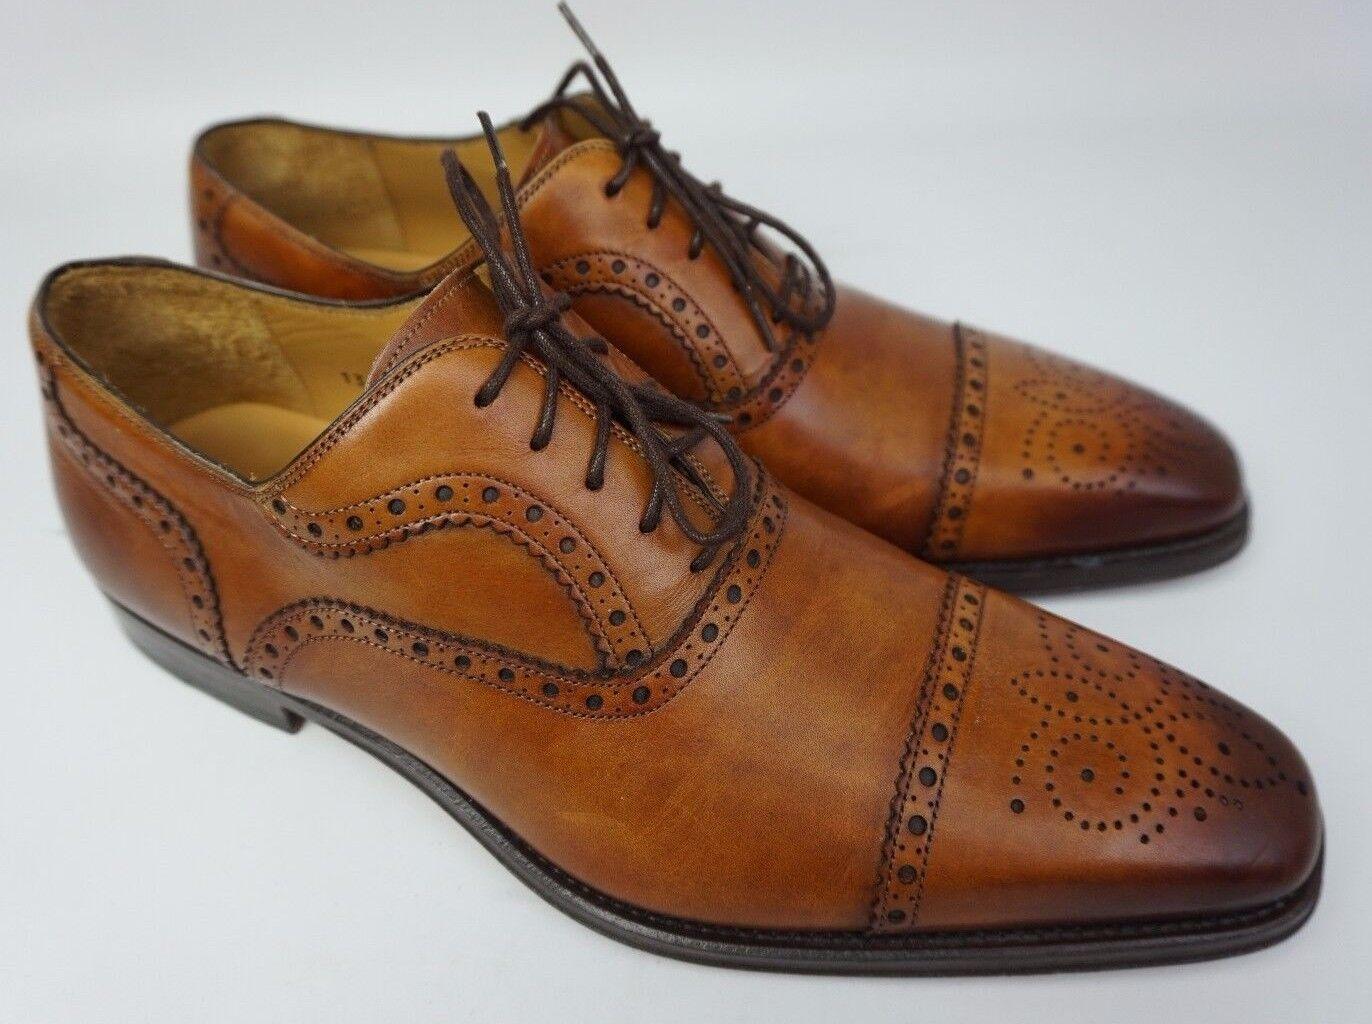 Magnanni Santiago Cap Toe Oxford Shoes Cognac Brown Shoes Oxford Size 8.5 M $325 d509b5